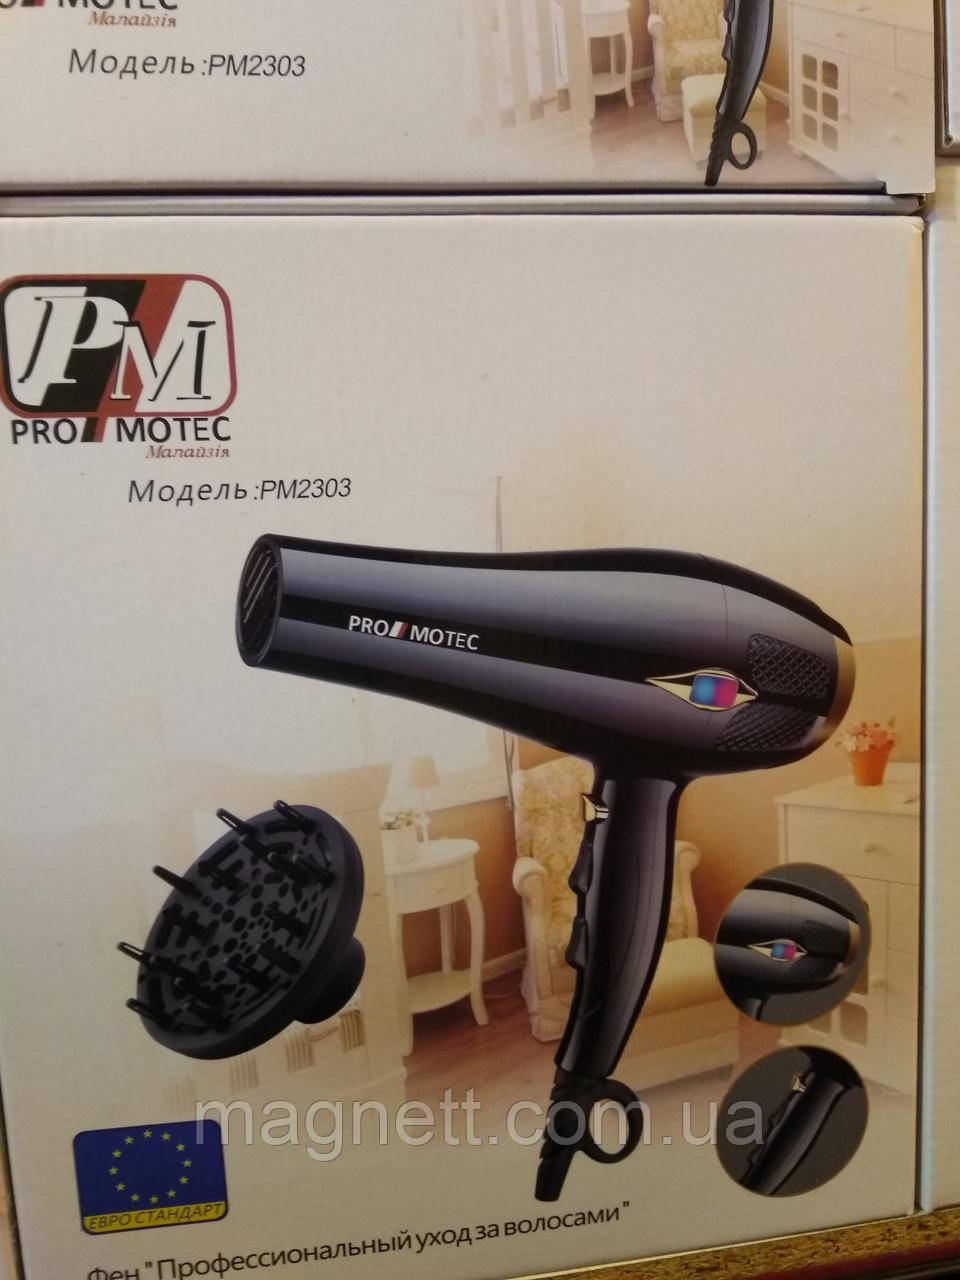 Фен PM 2303 ProMotec-New 3000W